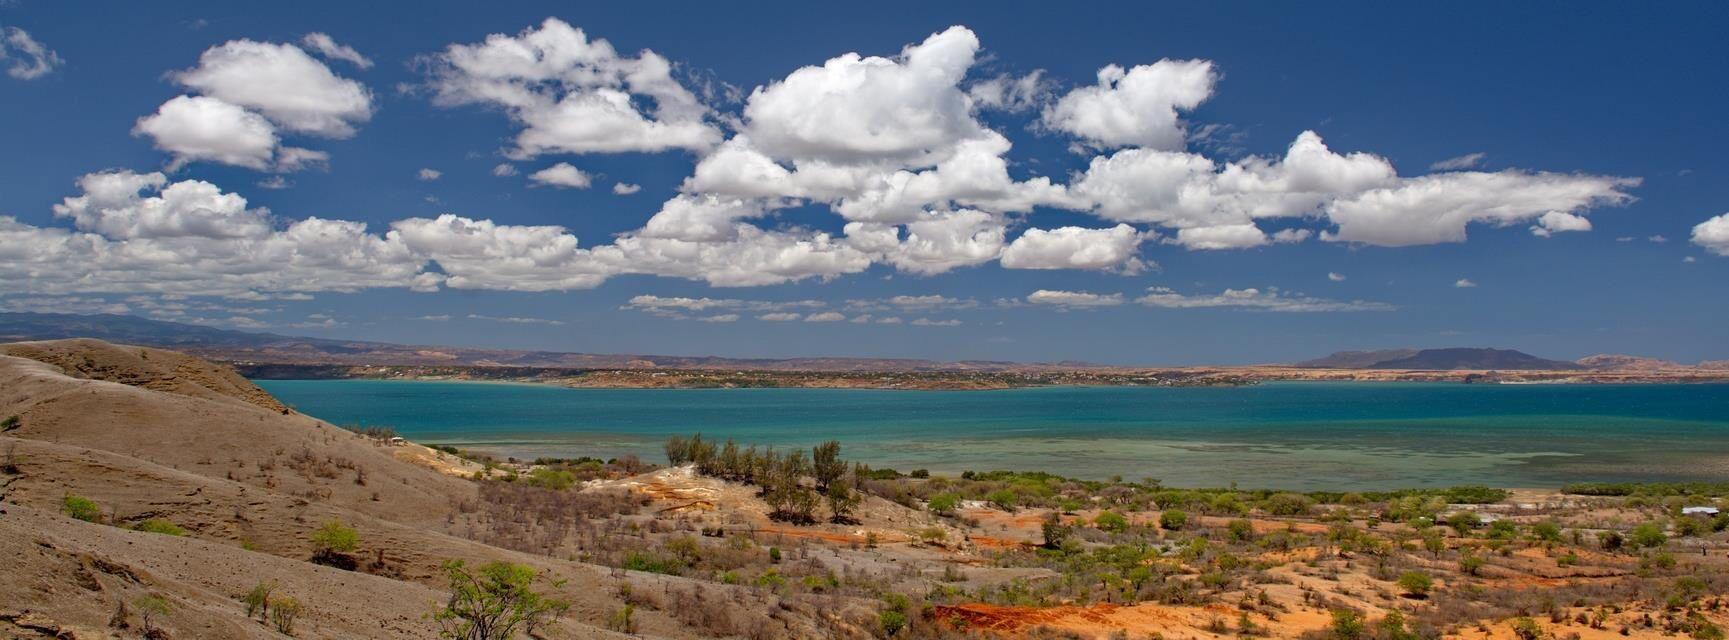 La baie de Diego